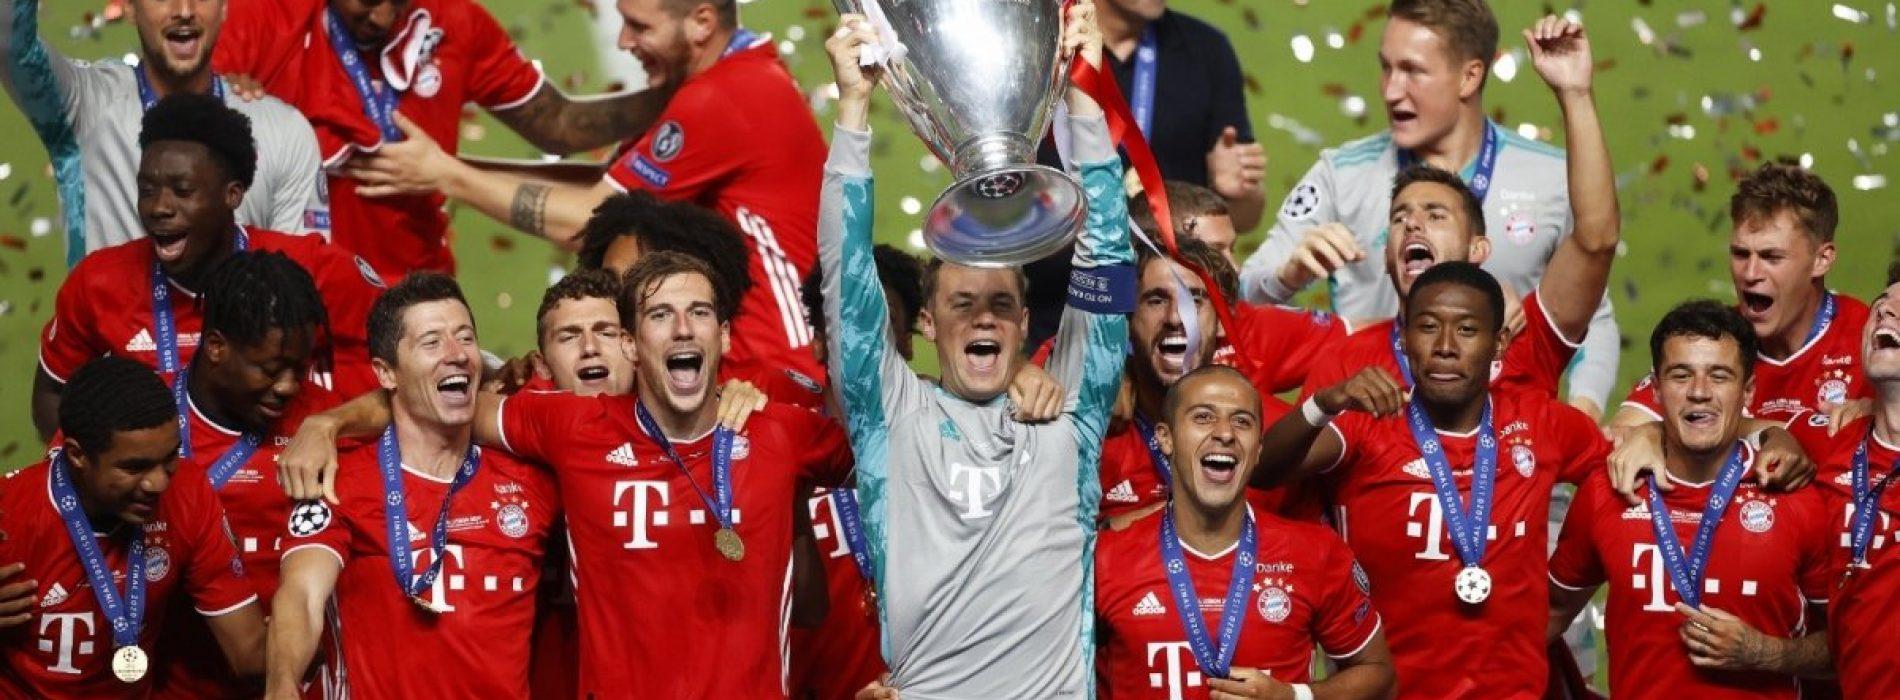 Trionfo Bayern, la vittoria della meritocrazia: è Triplete per Flick